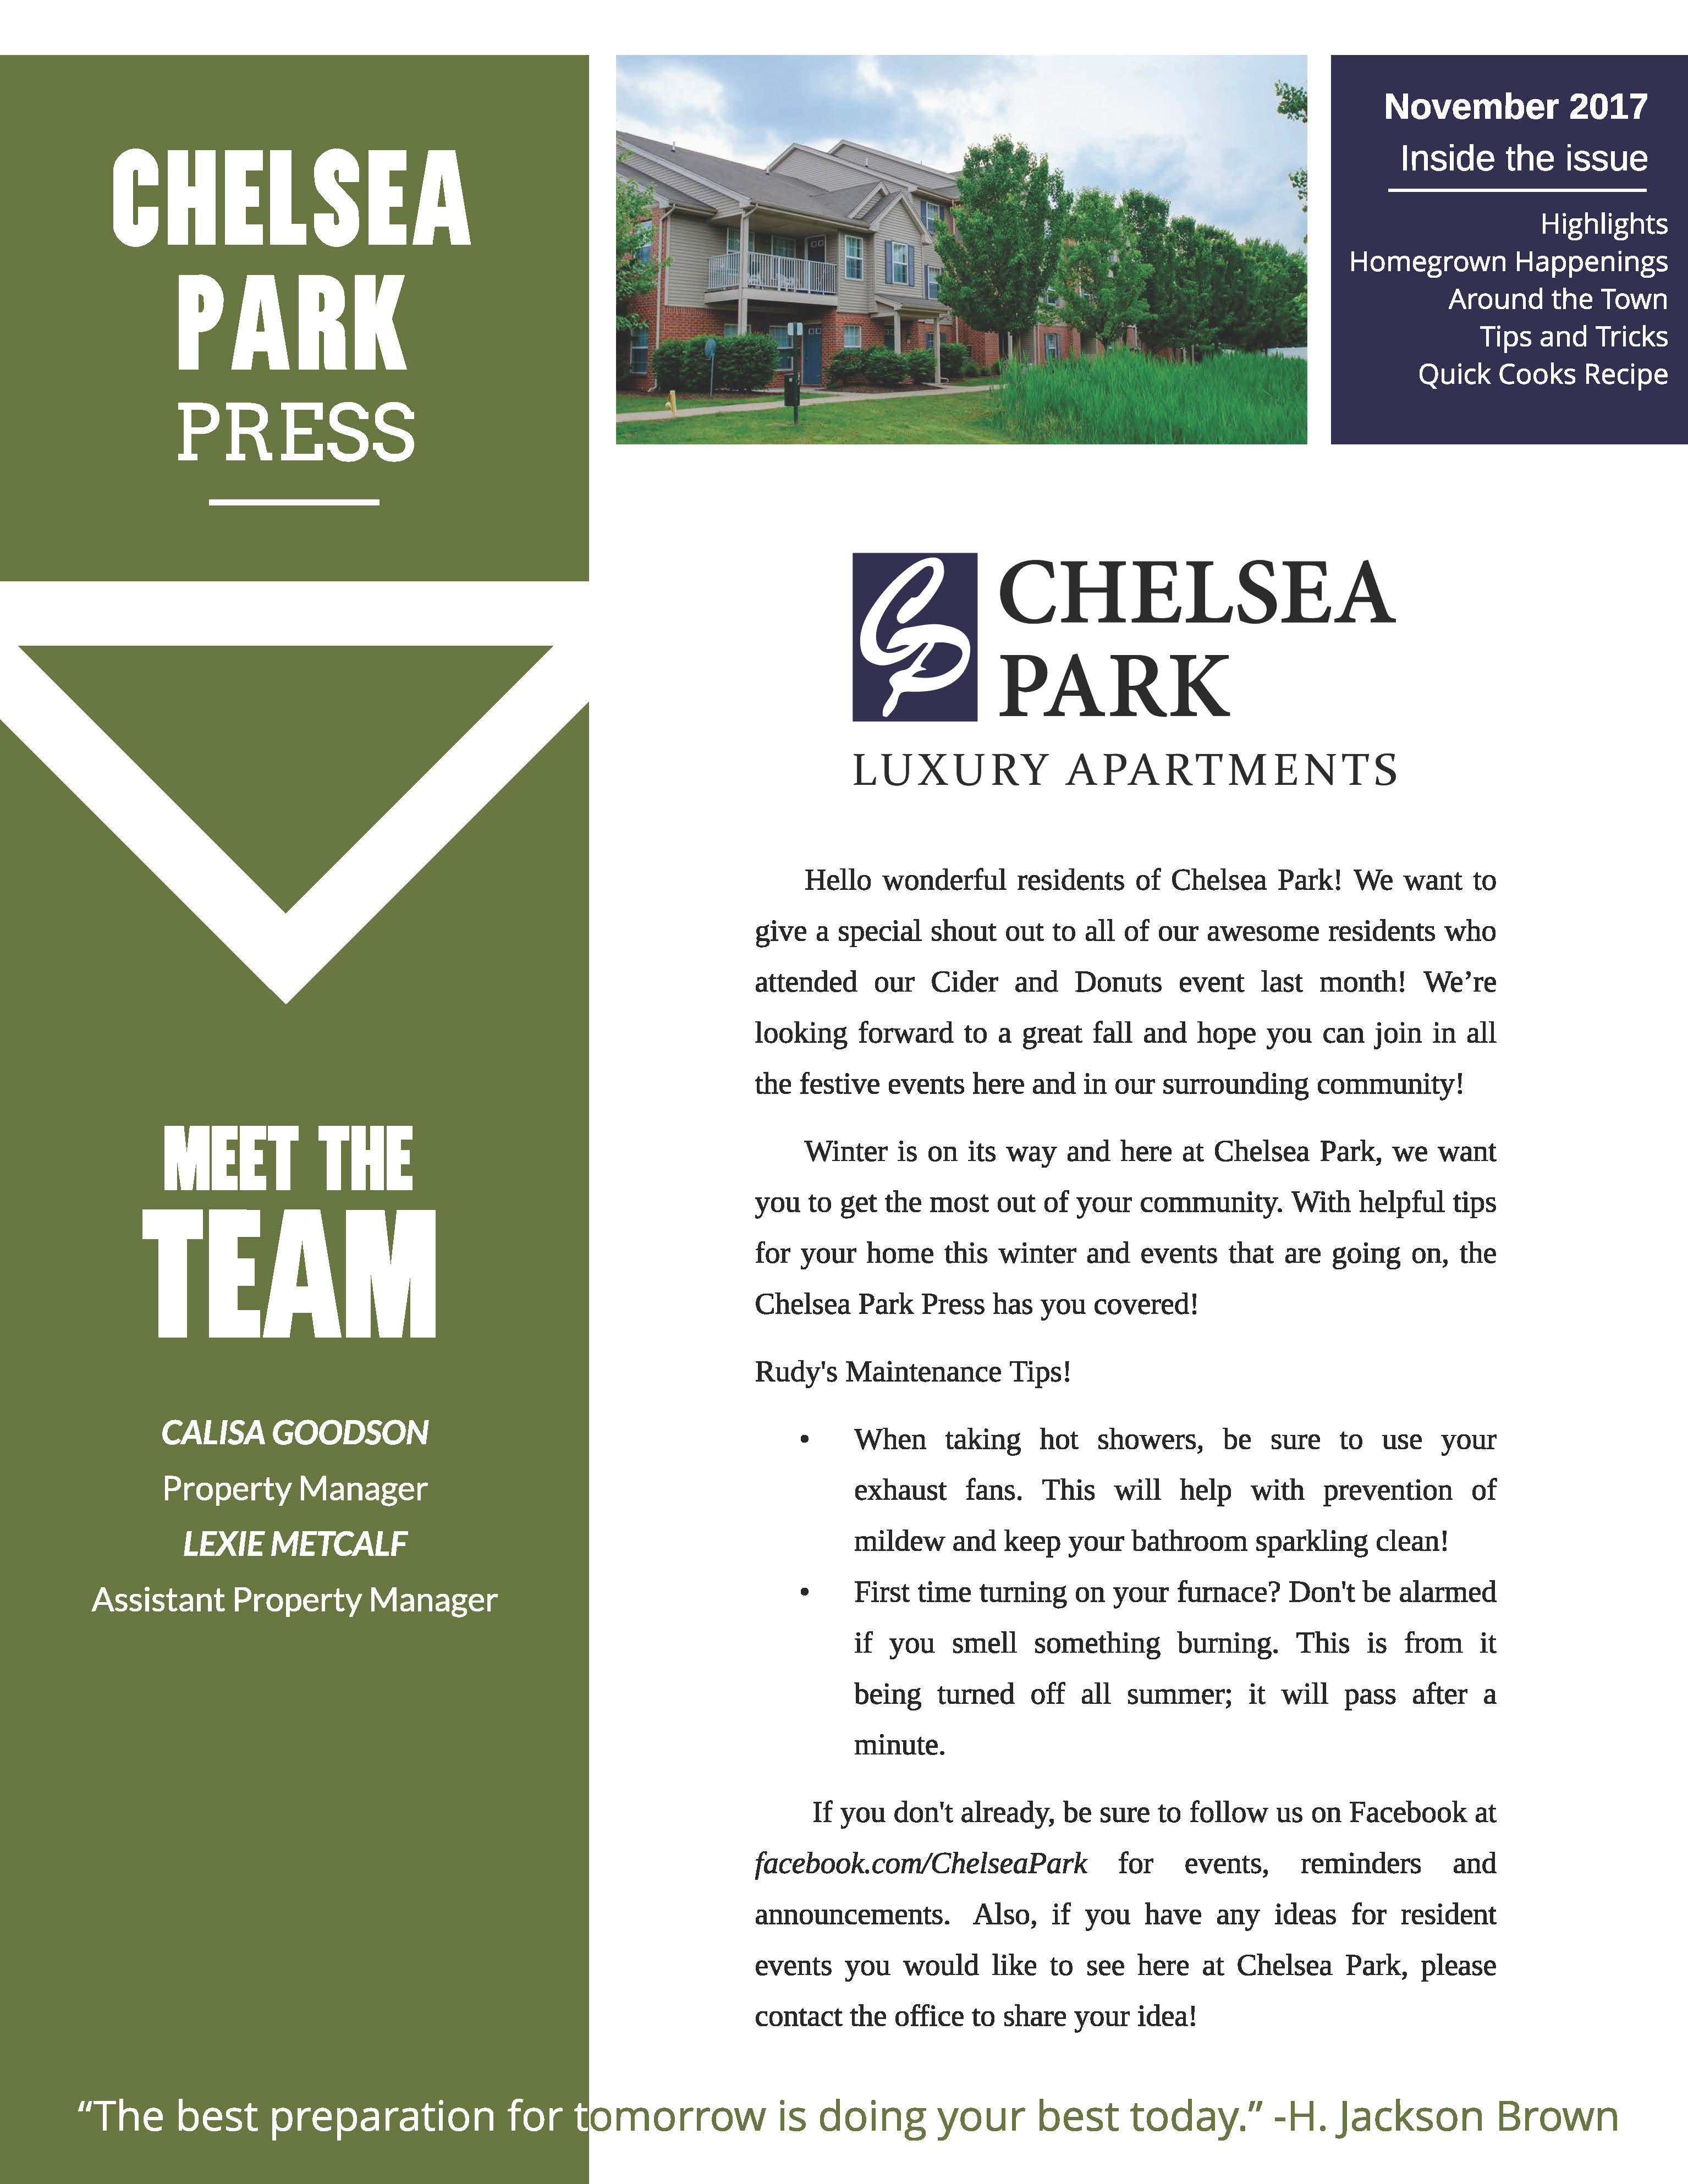 The Chelsea Park Apartments Community